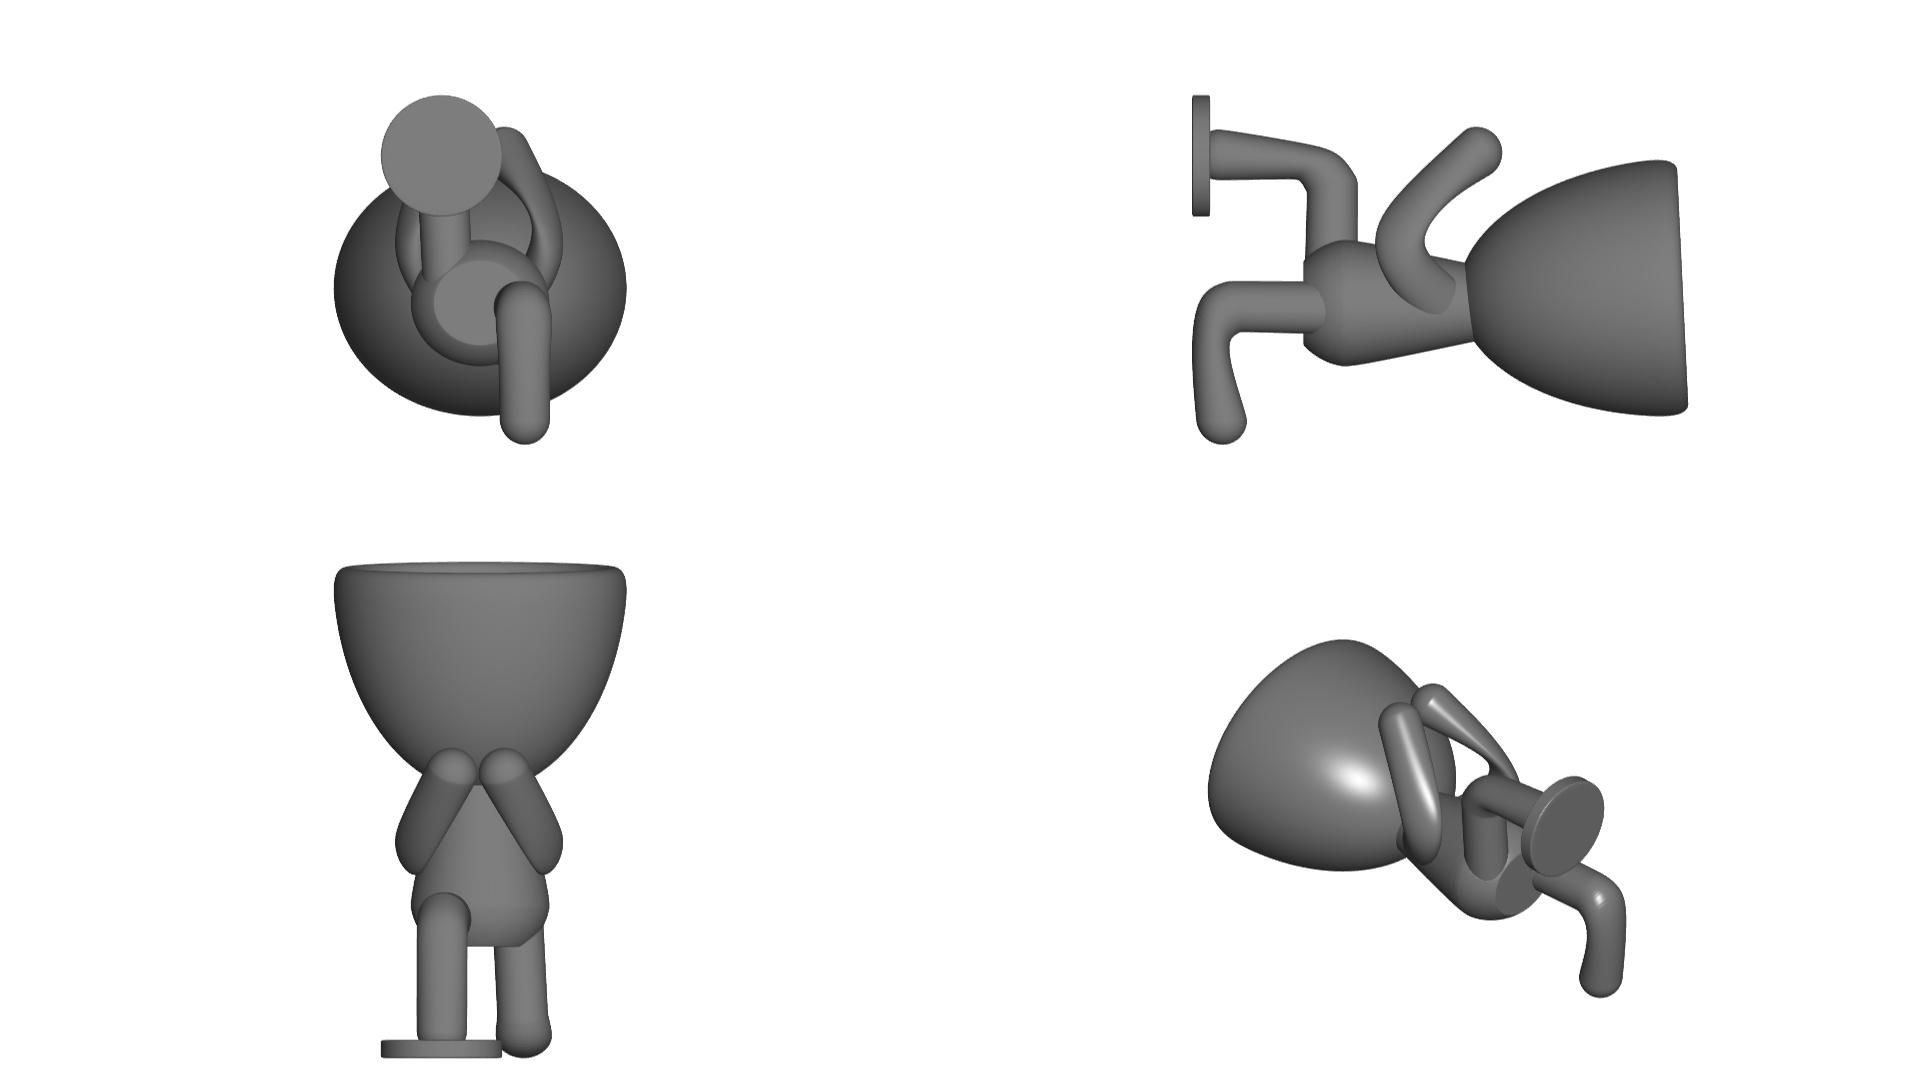 Vaso_08_Gris_2.jpg Télécharger fichier STL gratuit JARRÓN MACETA ROBERT 08 - VASE POT DE FLEURS ROBERT 08 • Modèle à imprimer en 3D, CREATIONSISHI